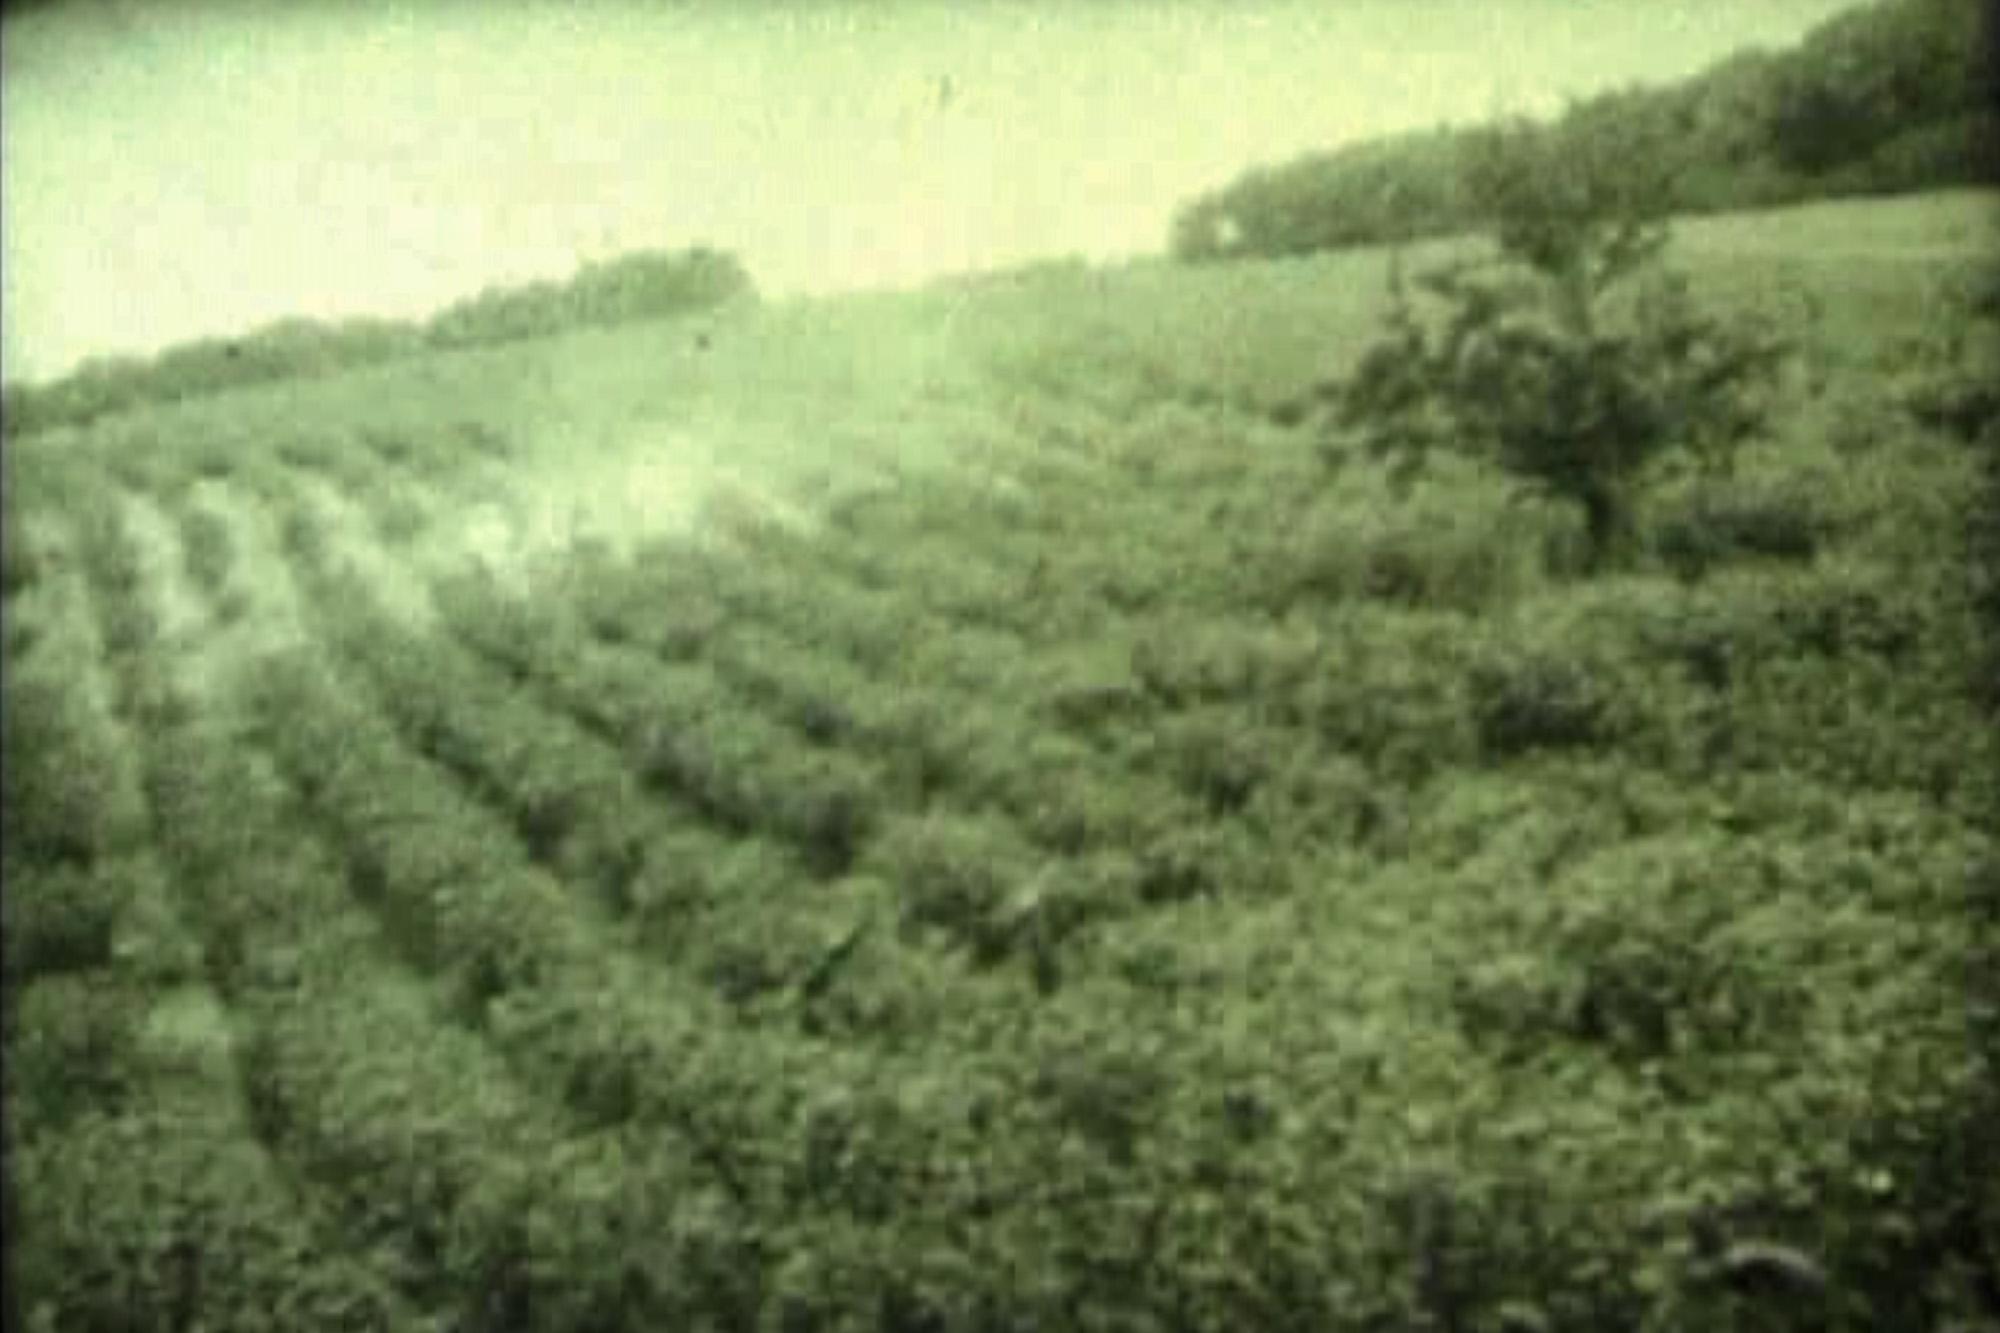 V 60-tych rokoch 20. storočia lúku karloveskí družstevníci zarovnali a vysadili kríky čiernych ríbezlí (foto: Vladimír Suchánek)